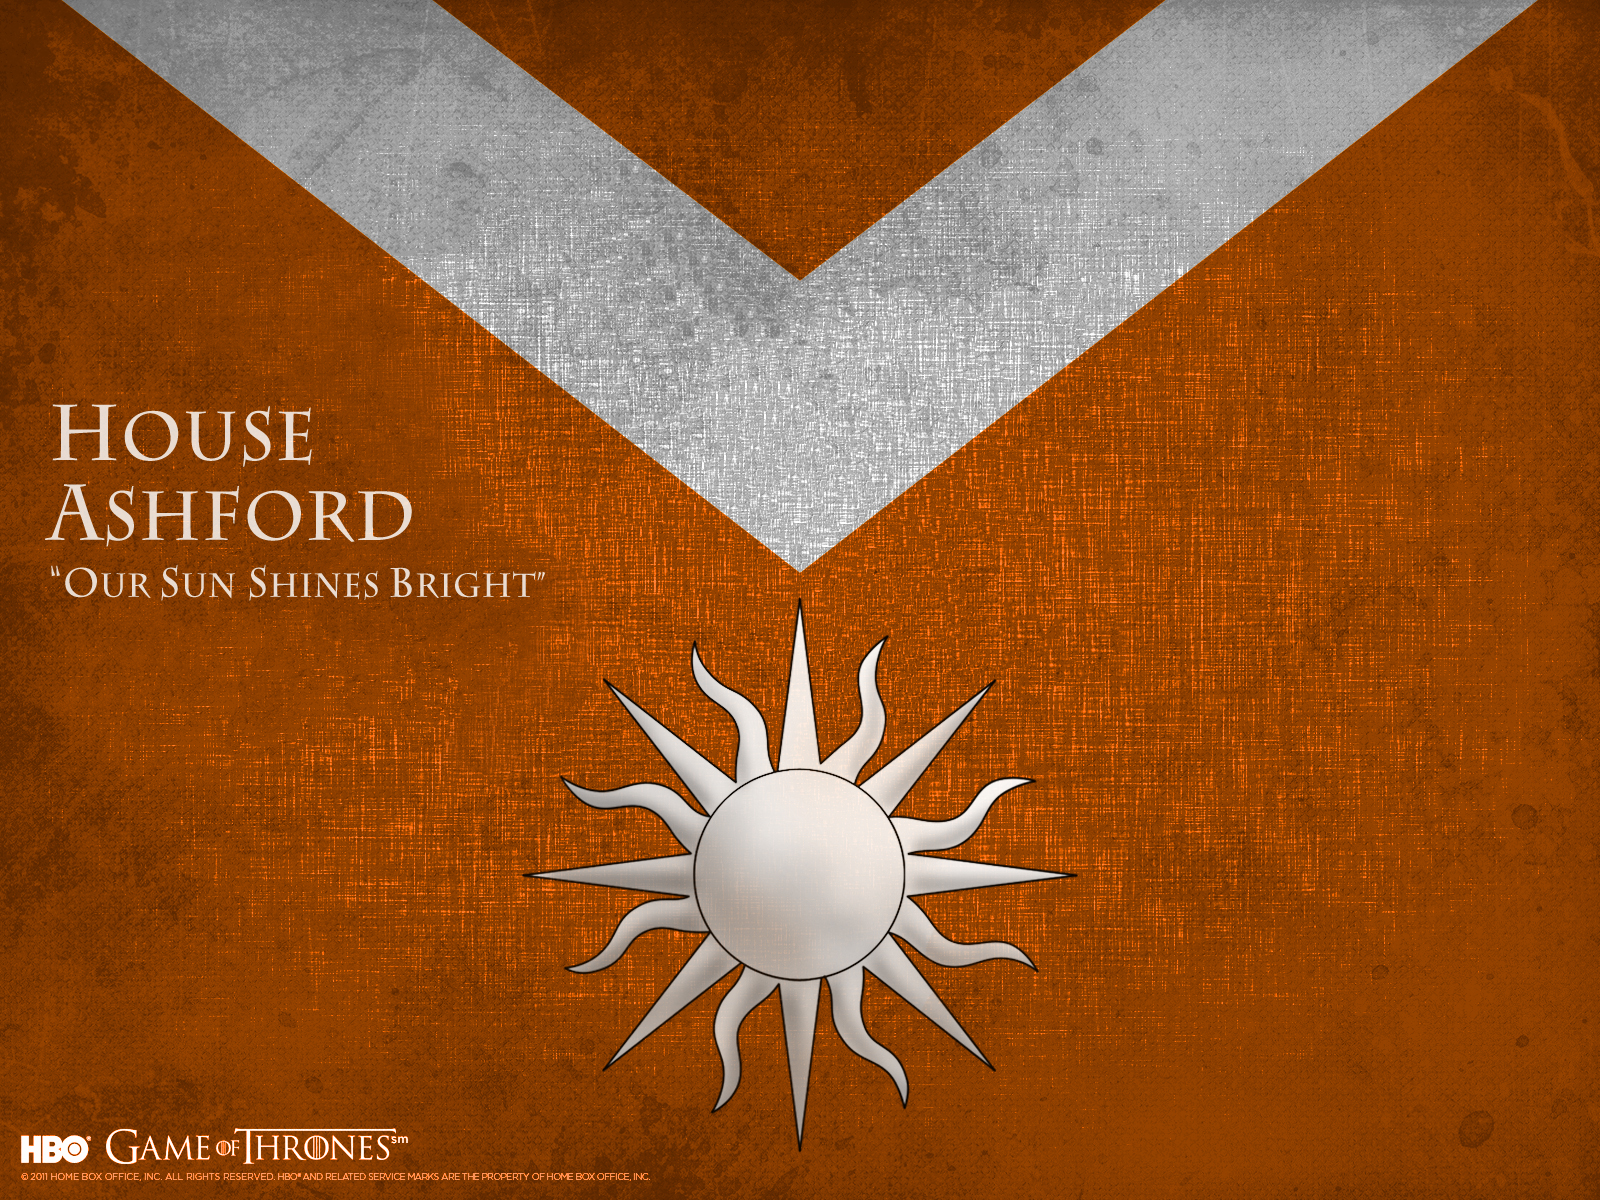 House Ashford